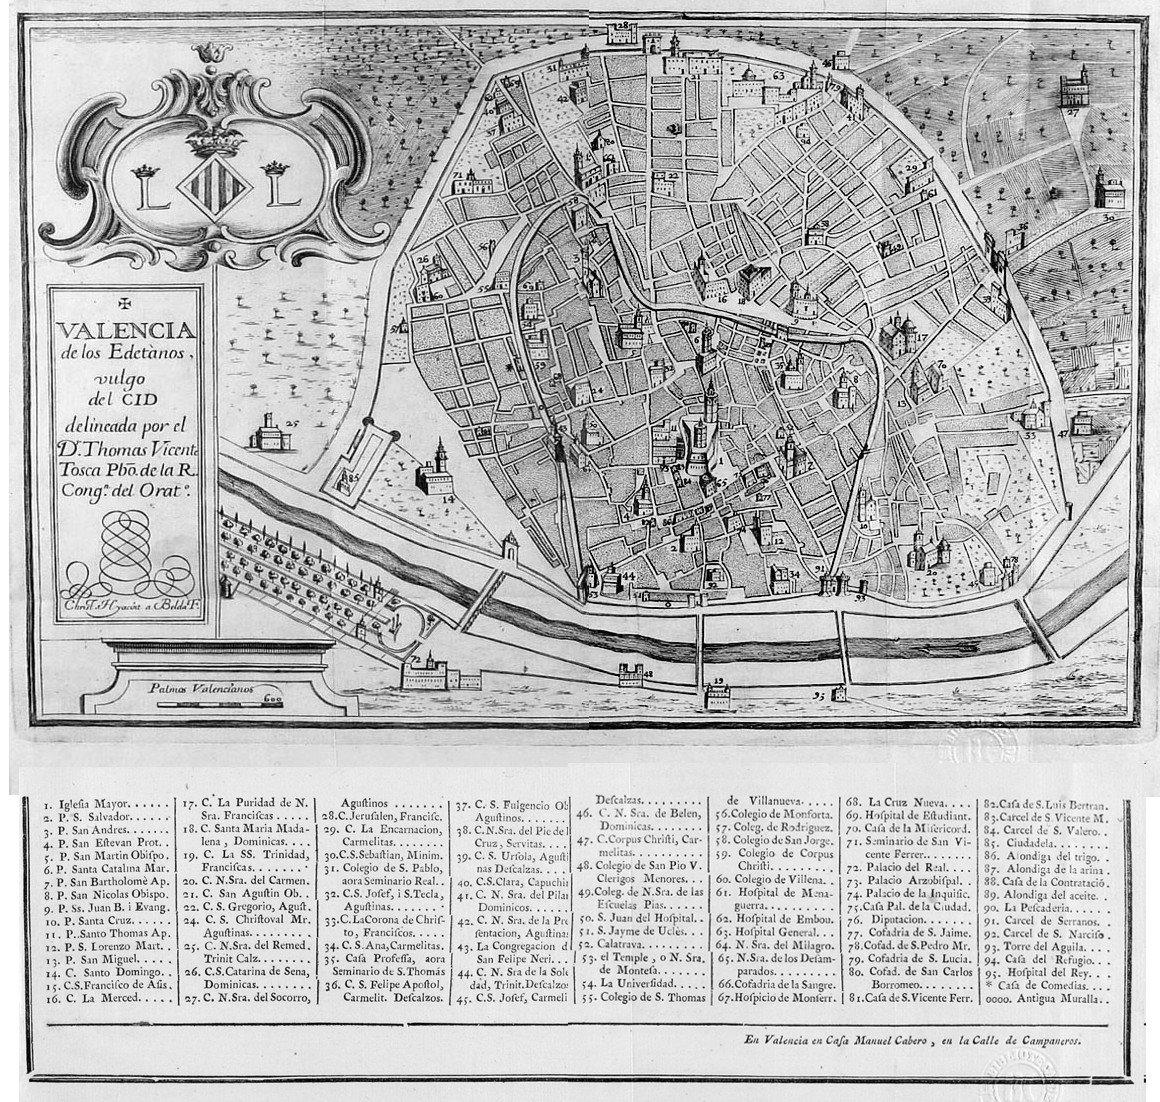 Valencia de los edetanos vulgo del Cid 1738